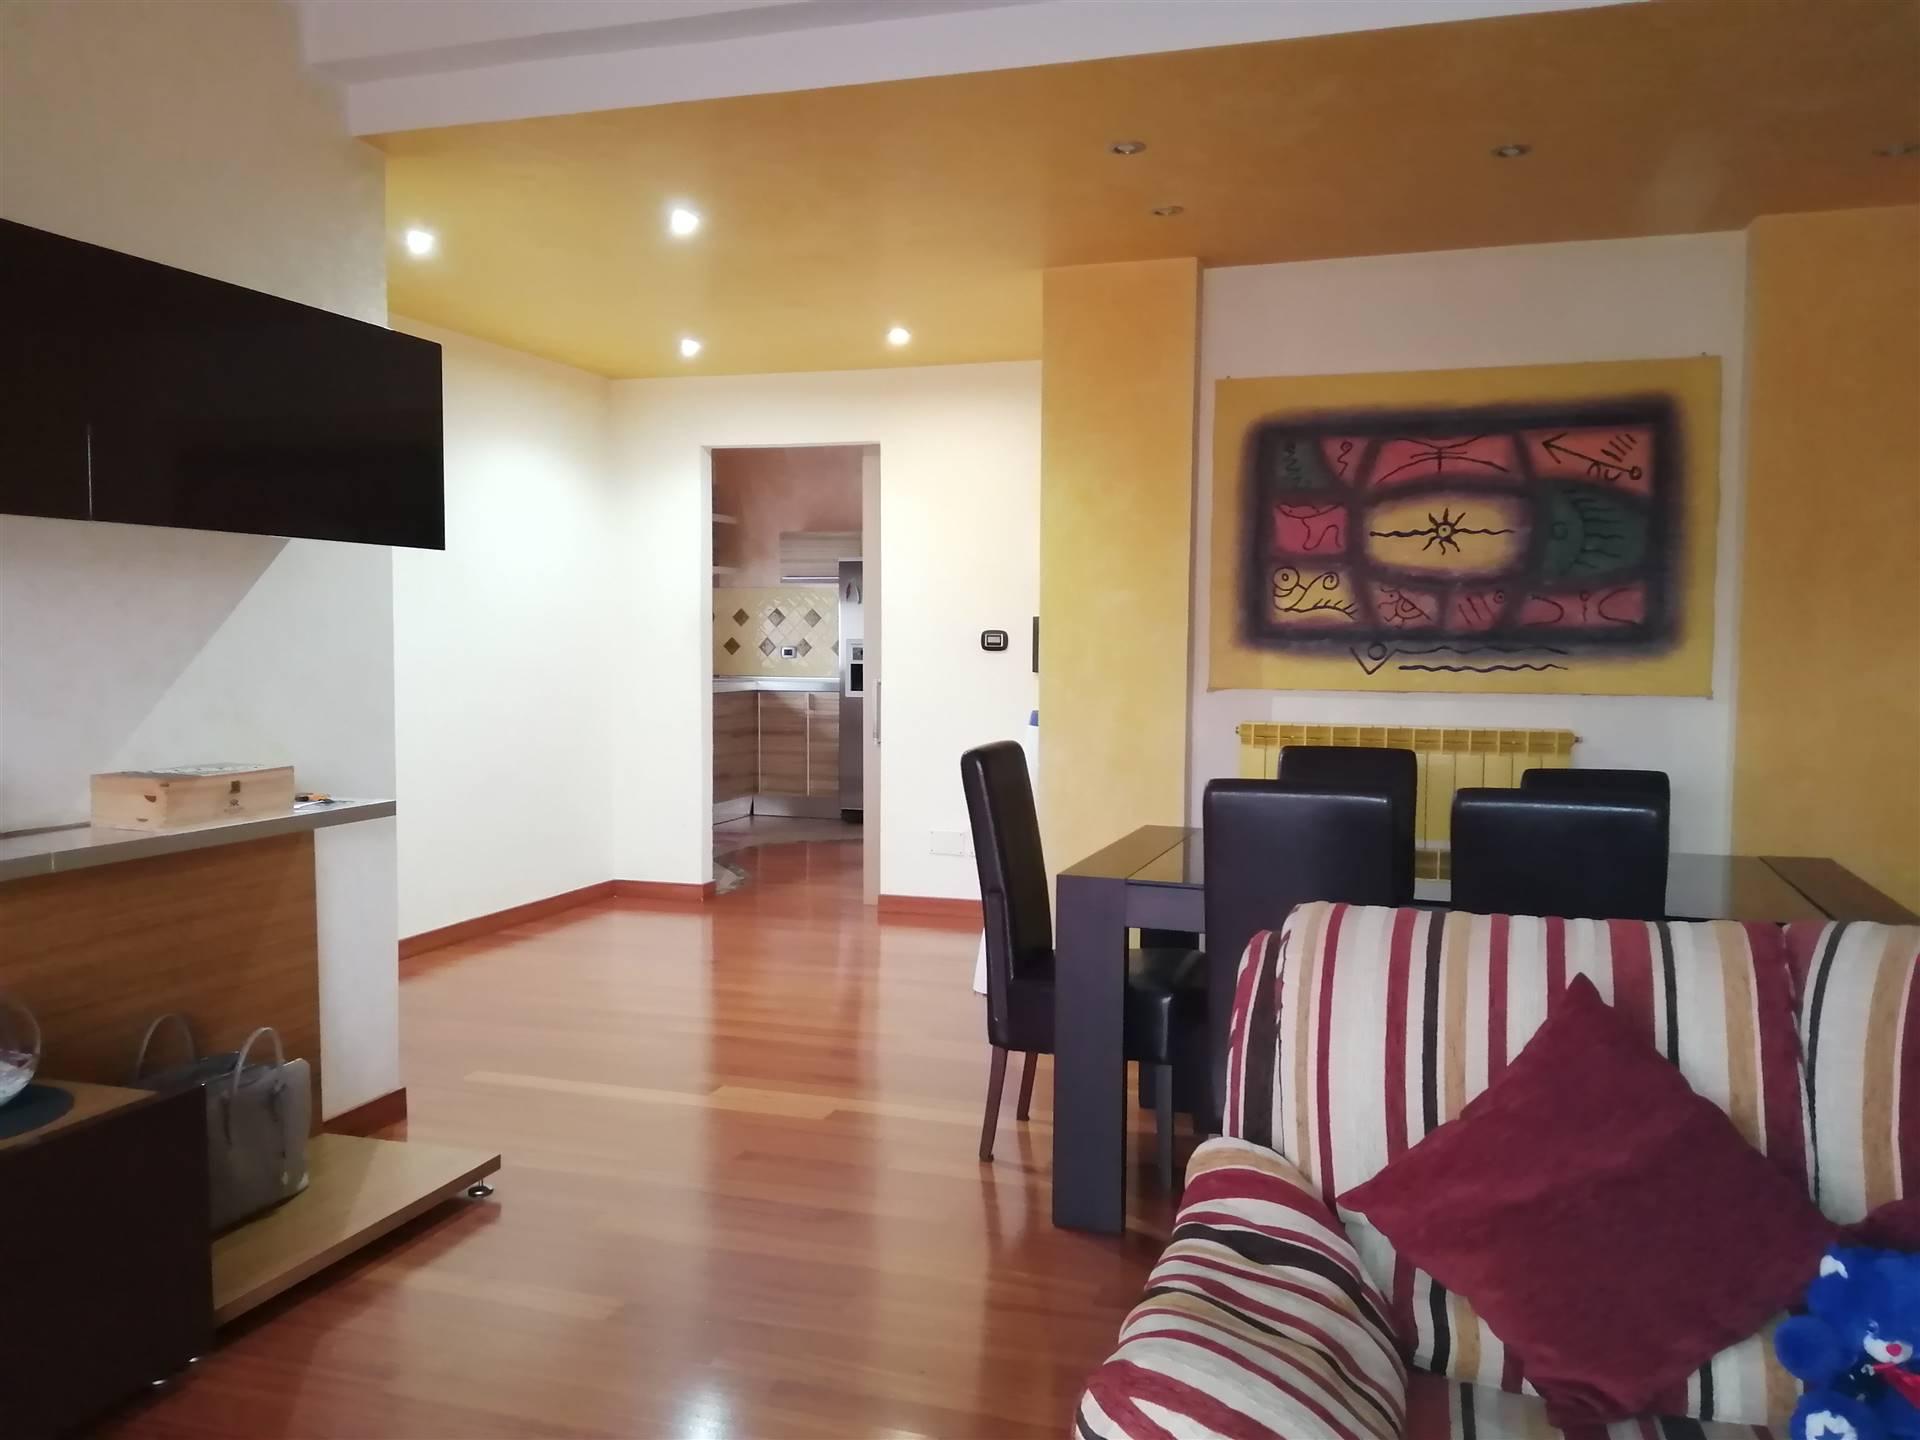 Appartamento Trilocale in Vendita. Vendiamo splendido appartamento collocato al secondo piano disposto su un unico livello. L''immobile dislocato su una superficie di circa 100 mq commercialie si